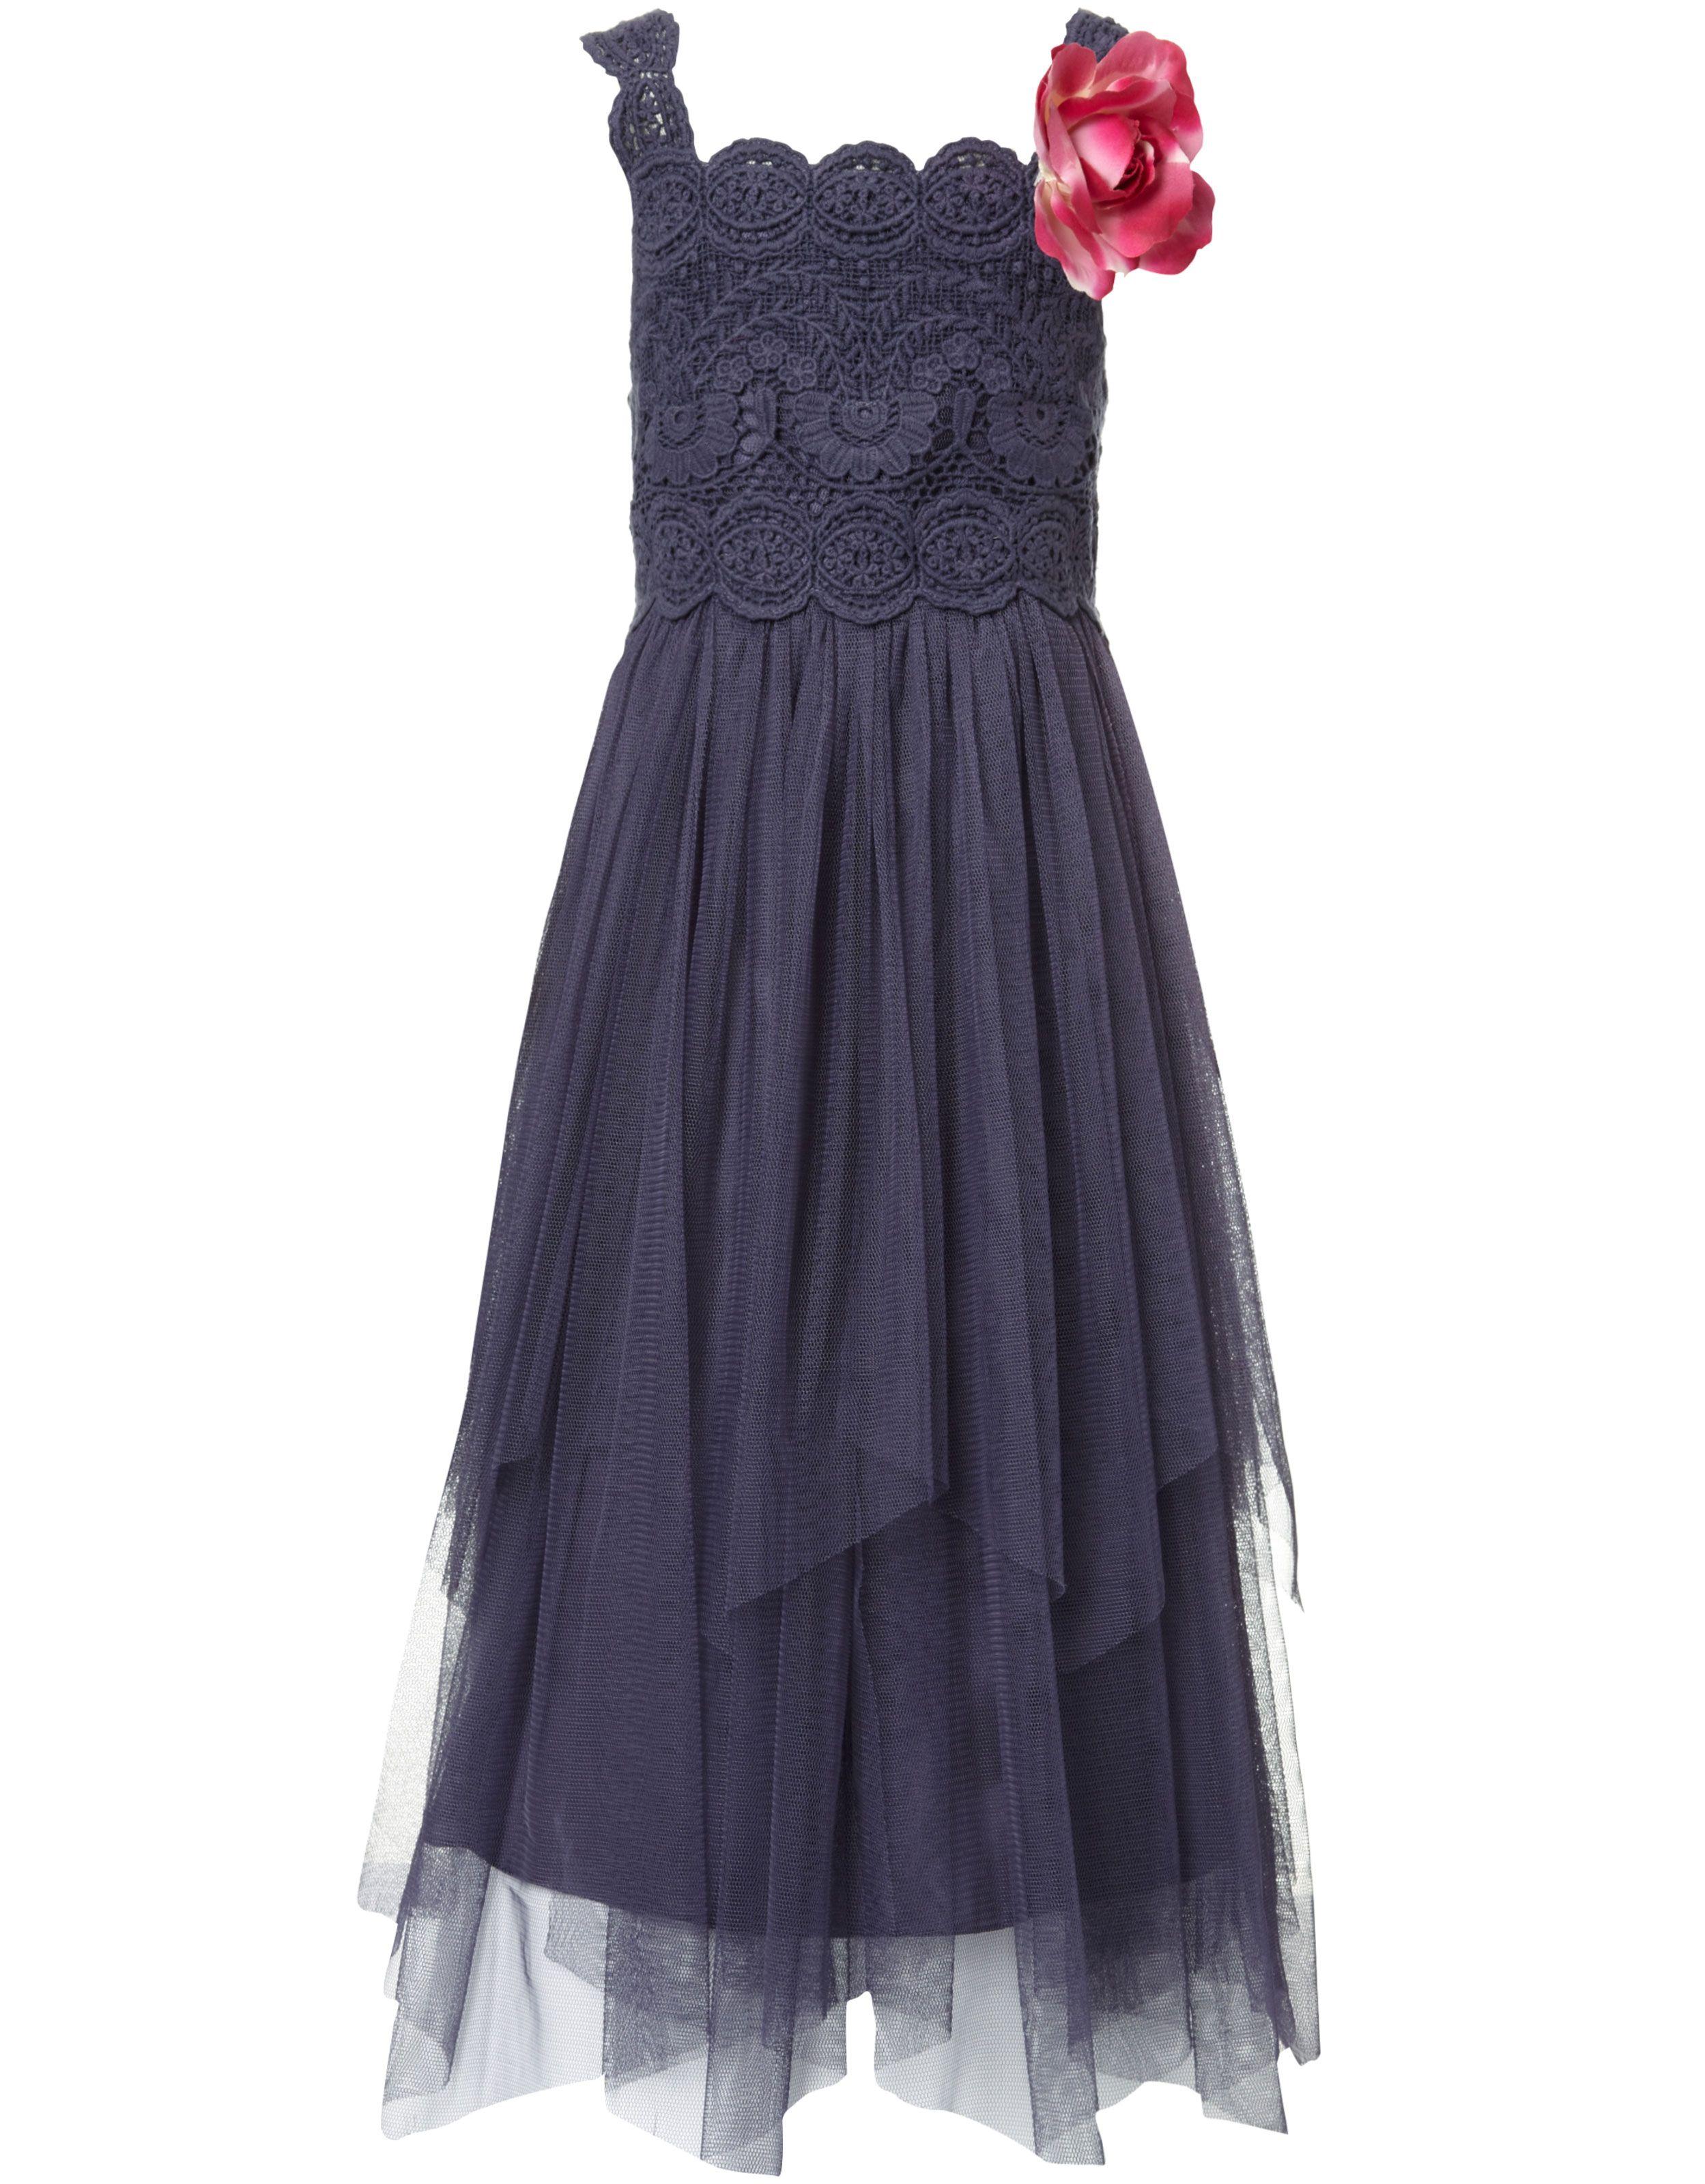 Vestido niña | vestidos | Pinterest | Vestidos niña, Vestidos ...